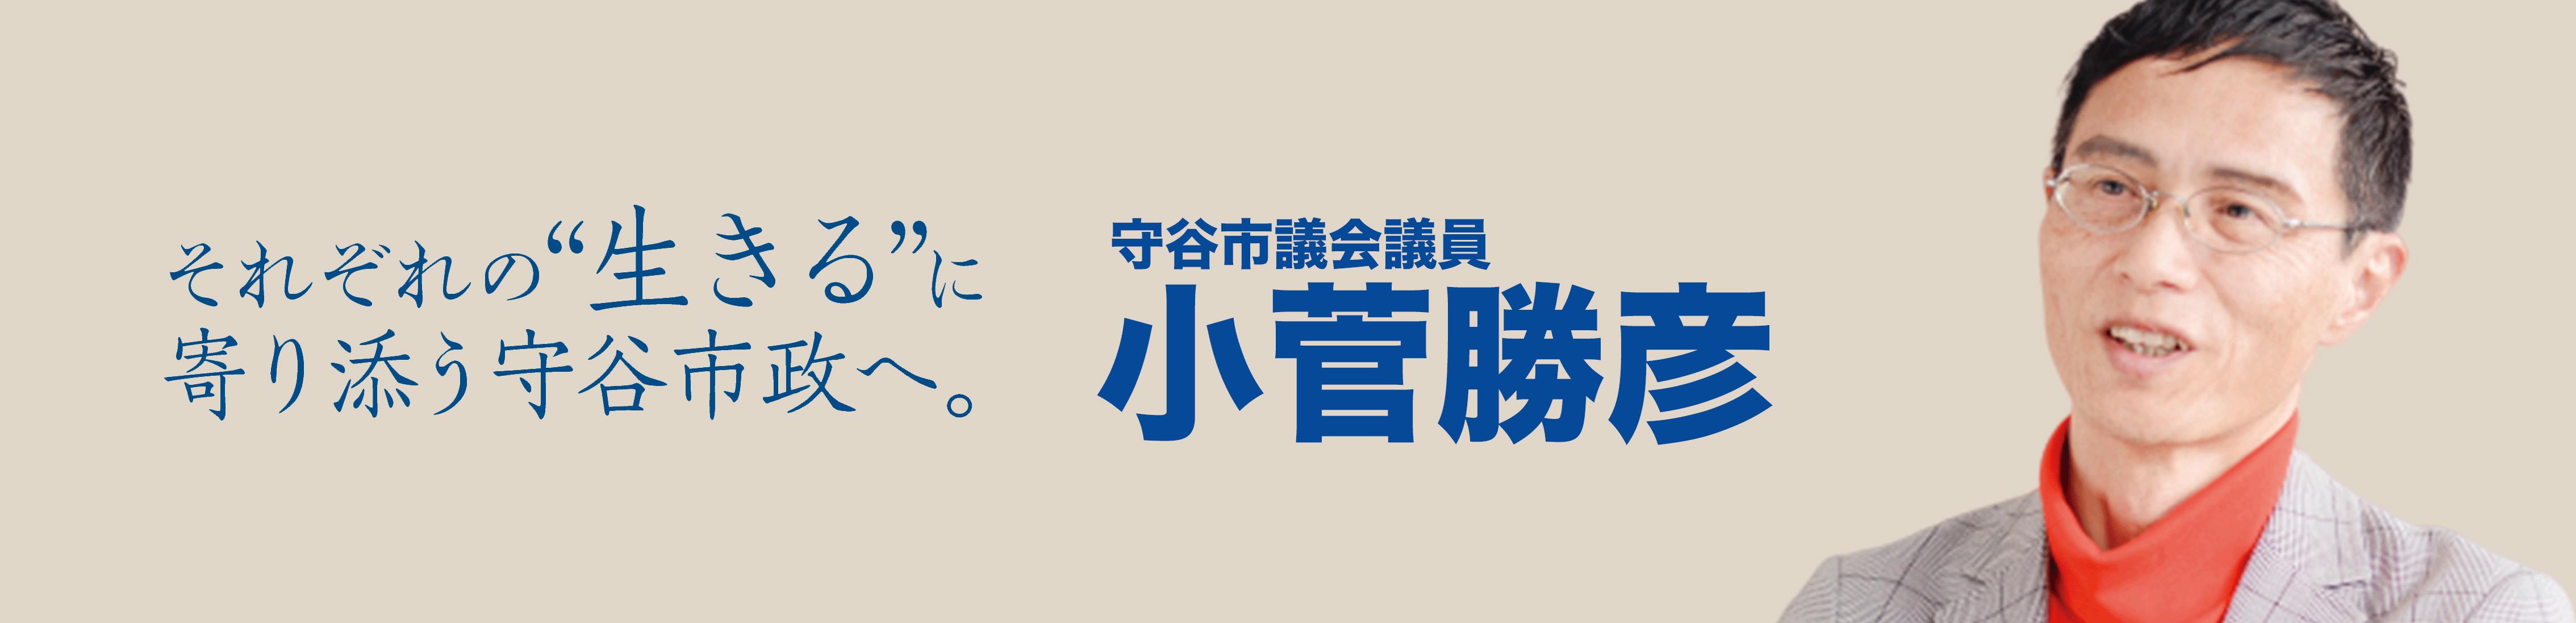 守谷市議会議員・小菅勝彦